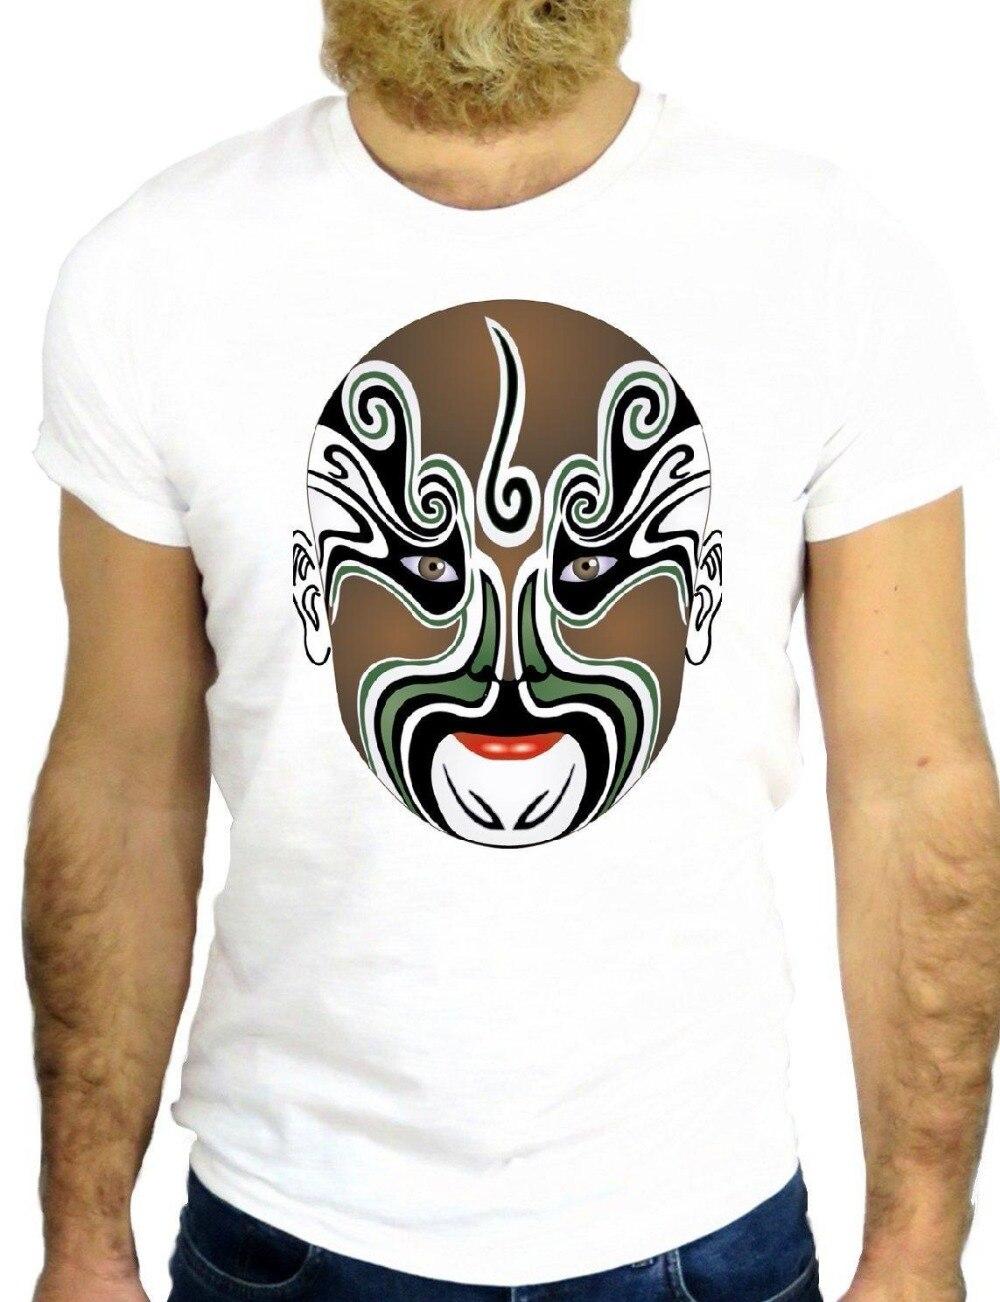 Nueva llegada Camiseta estilo de verano de los hombres de la moda T camisas máscara hacer hombre payaso divertido Cool moda agradable divertido T camisas para hombres